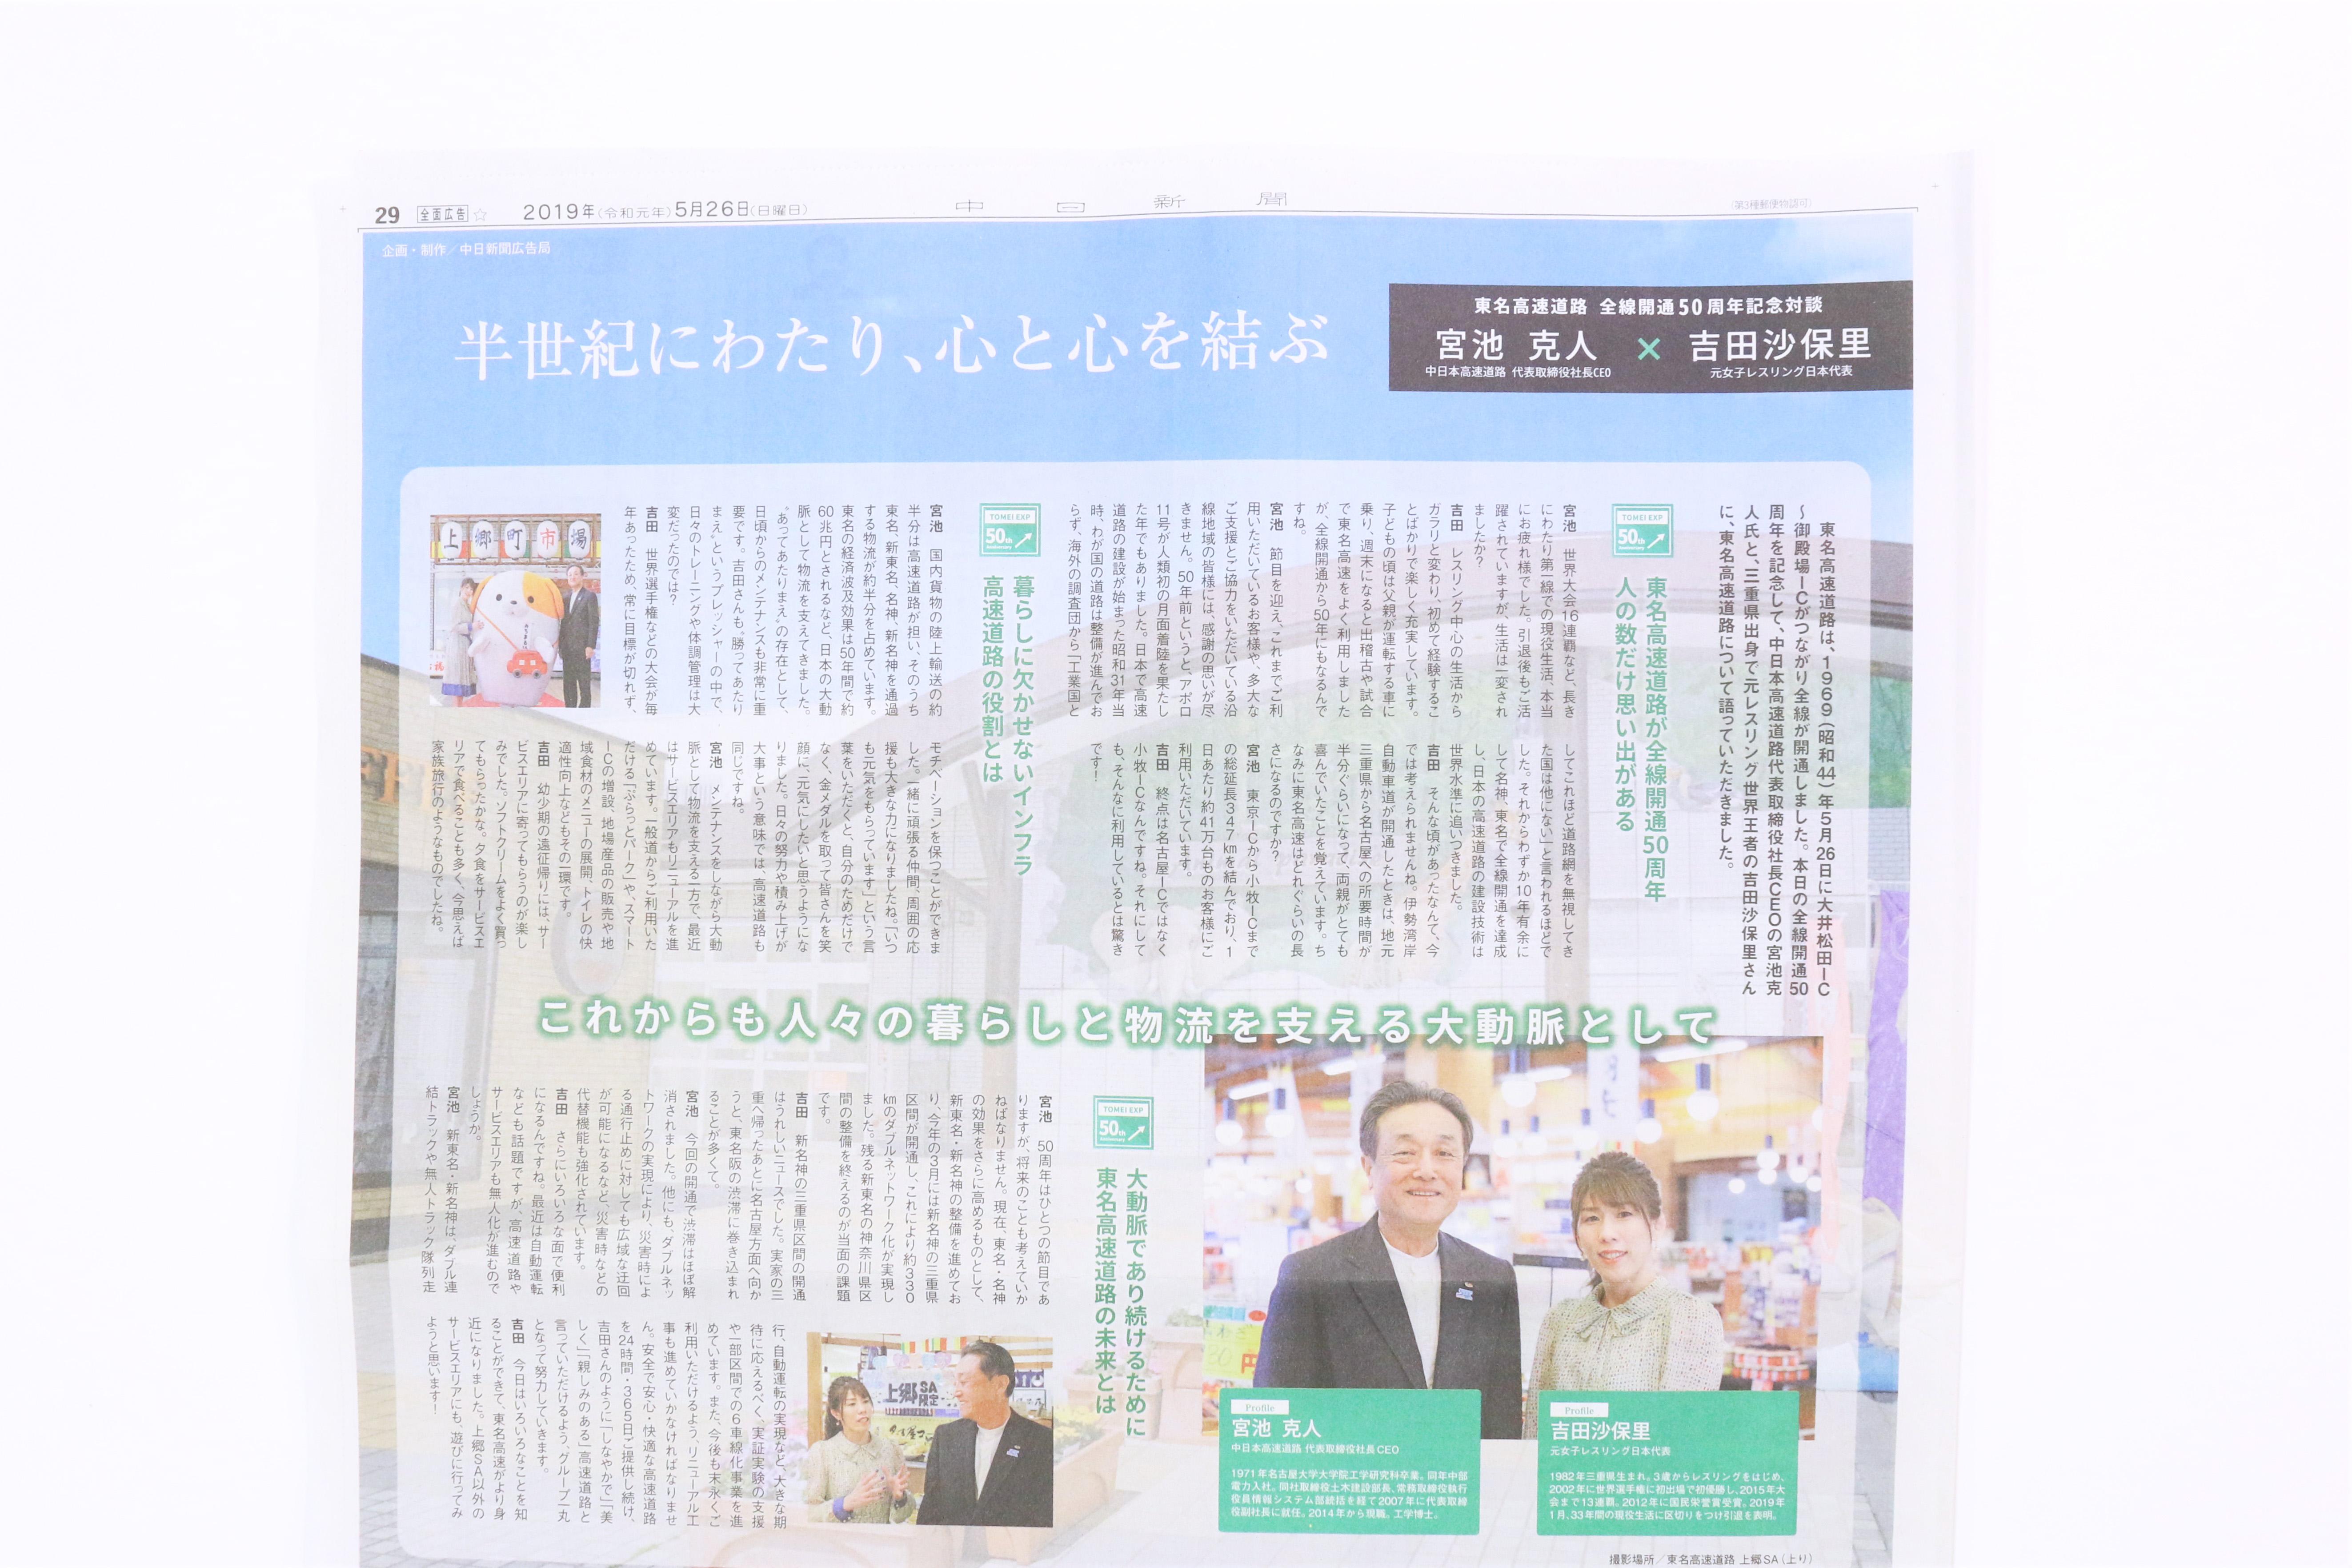 東名高速道路 全線開通50周年記念対談/中日新聞